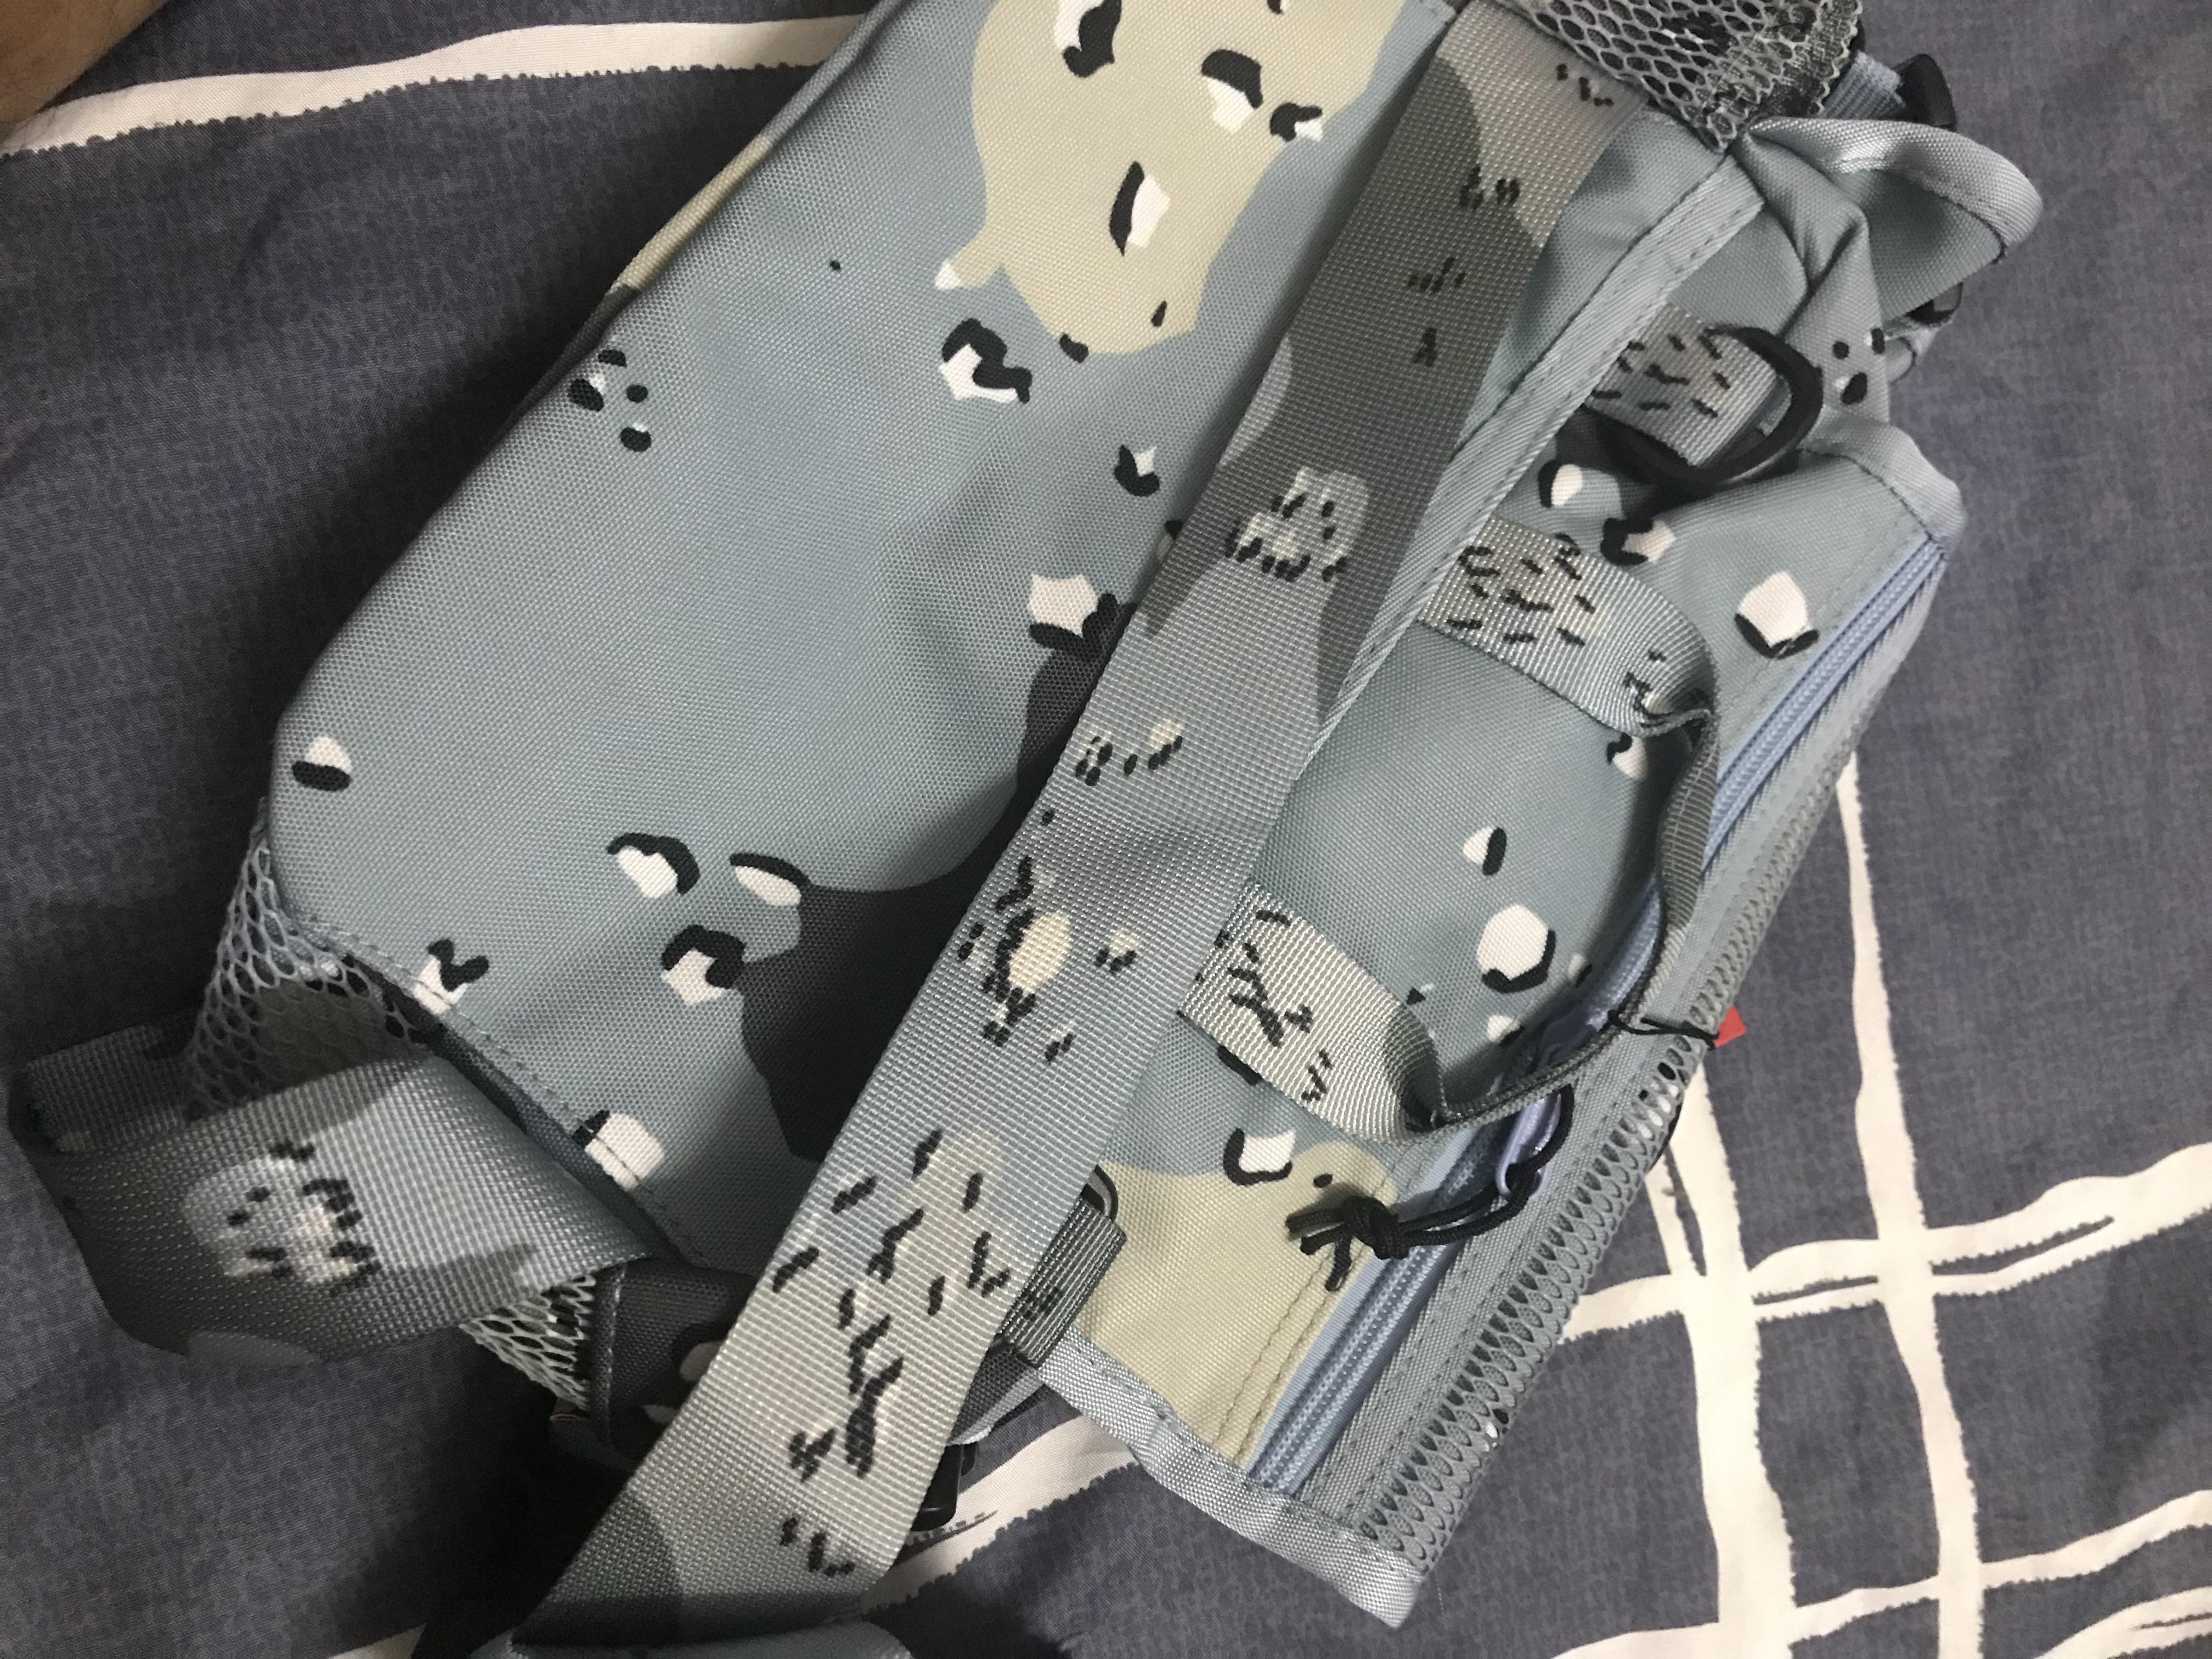 الخصر حقيبة المدرسية للجنسين فاني حزمة أزياء السفر حقيبة دلو حقيبة الظهر Waistpacks 4 الألوان في الأوراق المالية